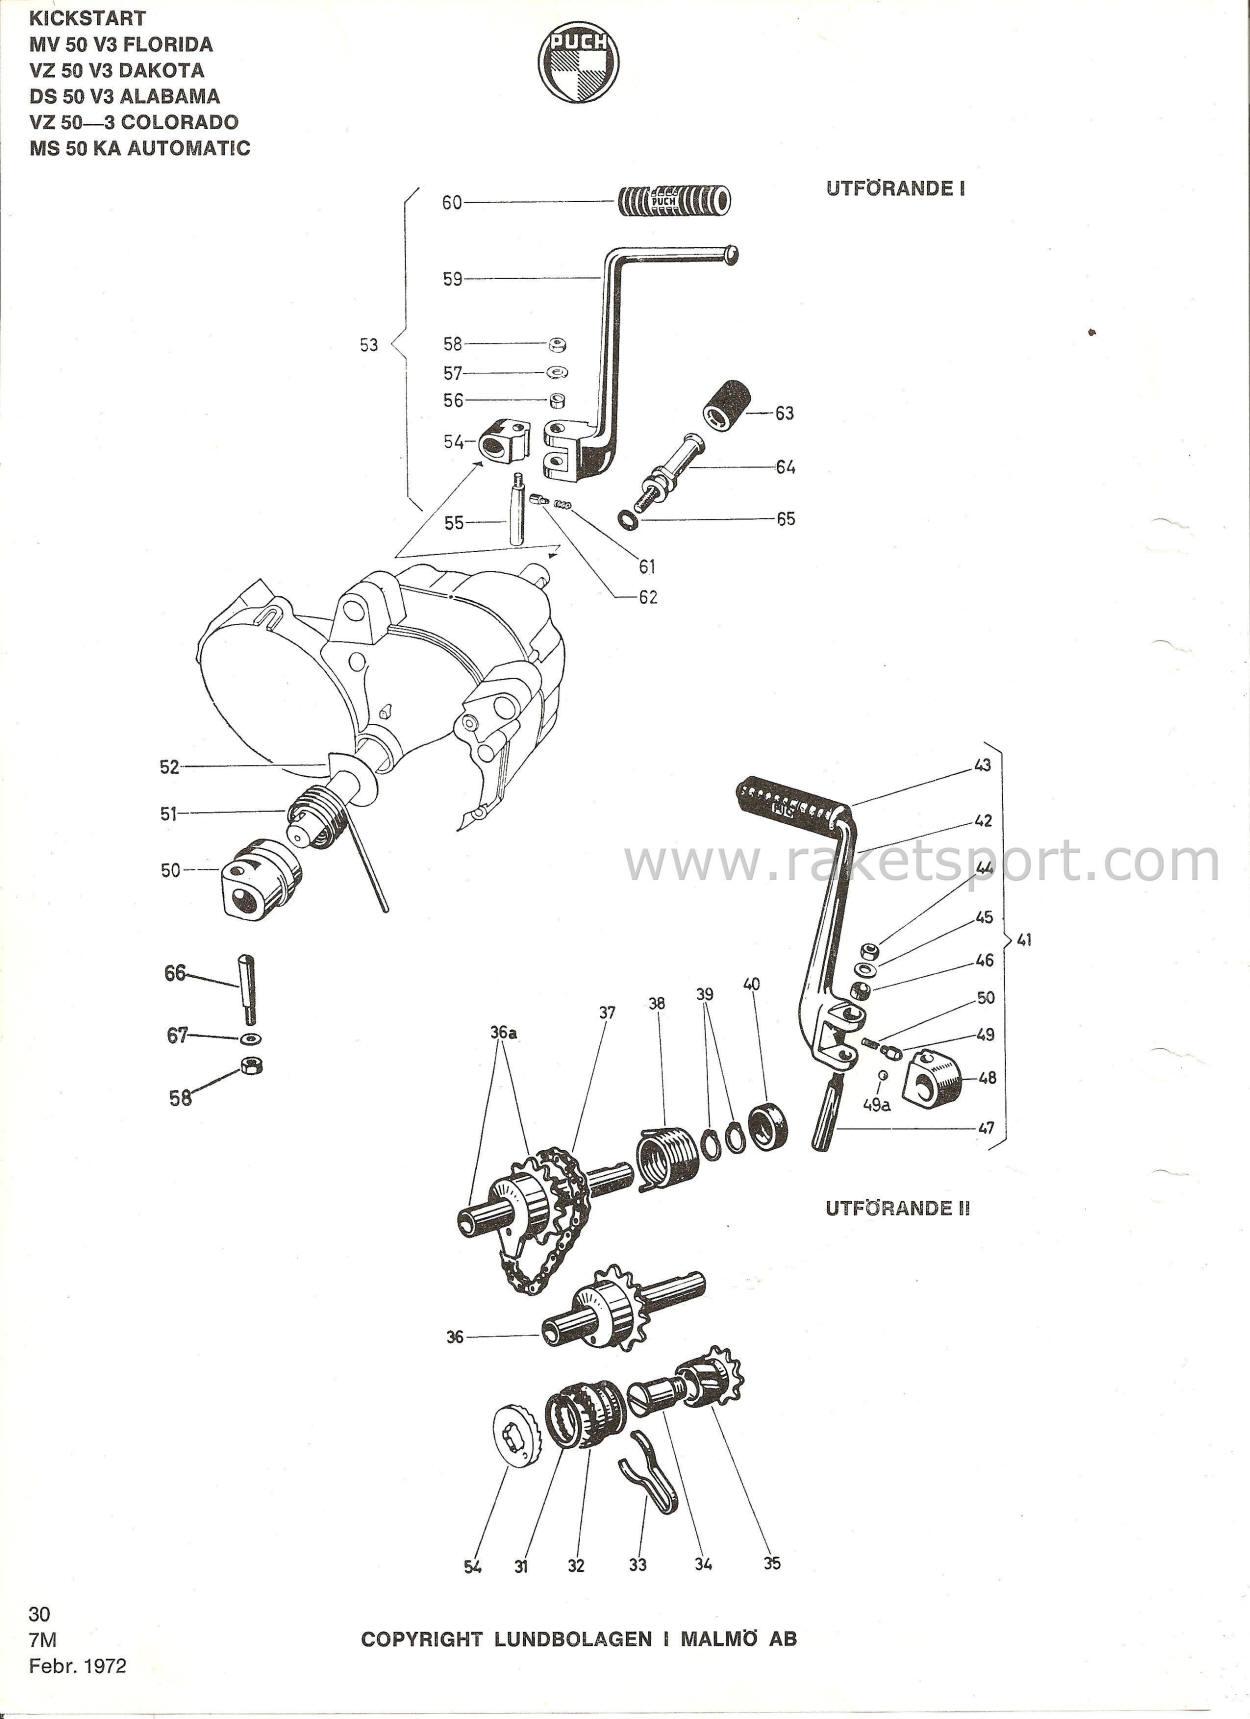 Puch Reservdelskatalog Inneh Llande Motorer For Puch Modeller Fr Vz 50 3 Vz50 V3 Mv 50